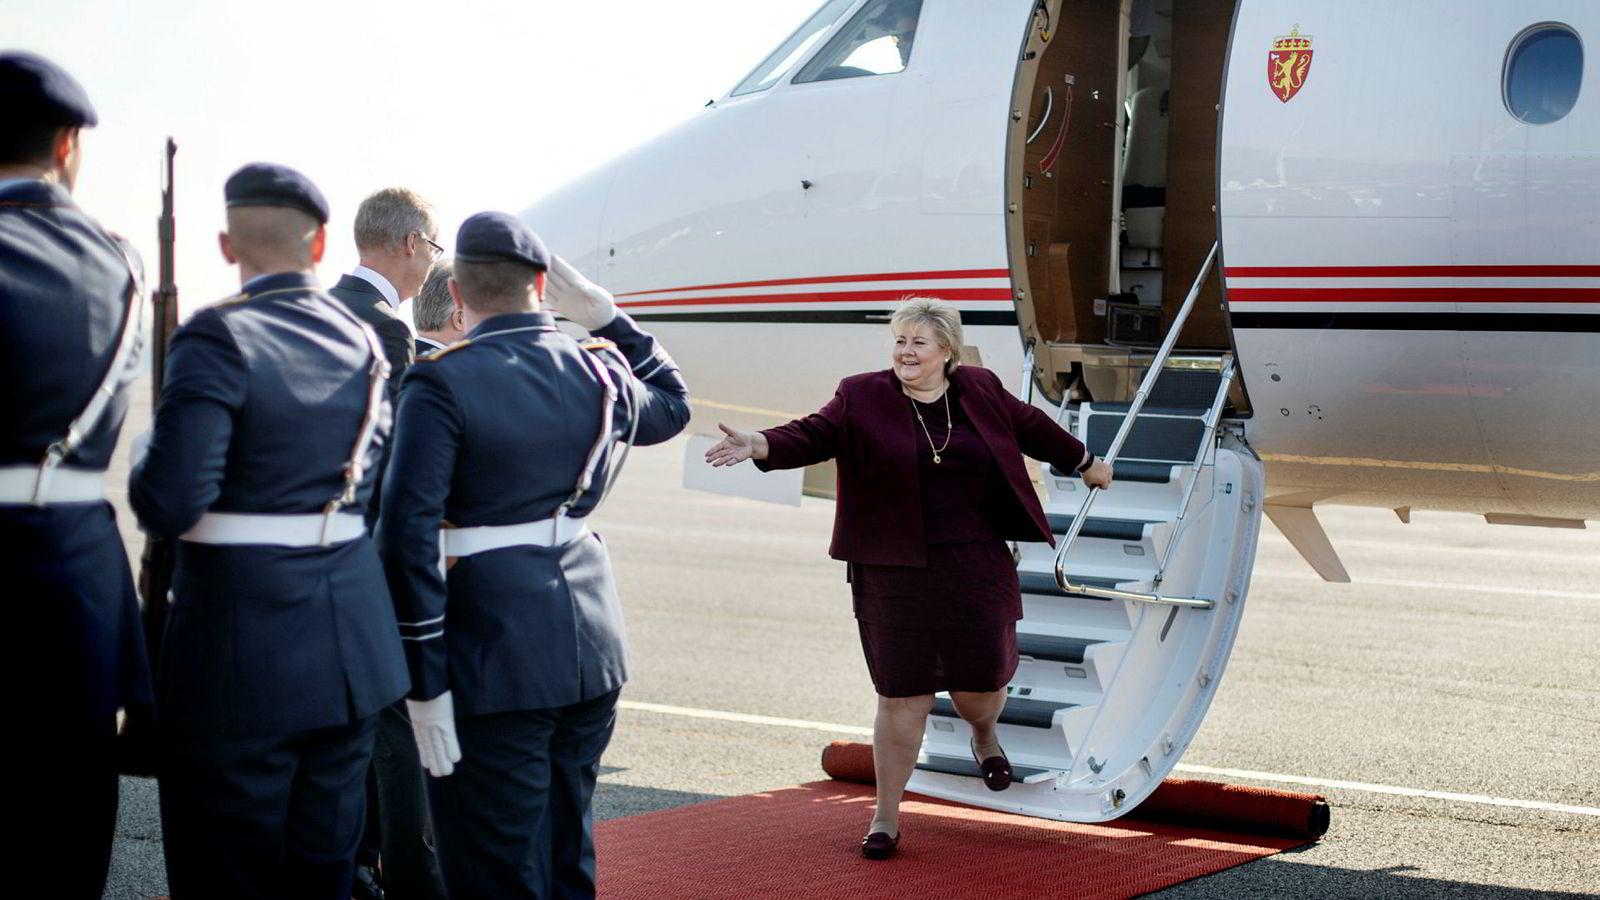 Tirsdag morgen landet statsminister Erna Solberg til æresgarde i Berlin der hun blant annet skulle møte Tysklands forbundskansler Angela Merkel.